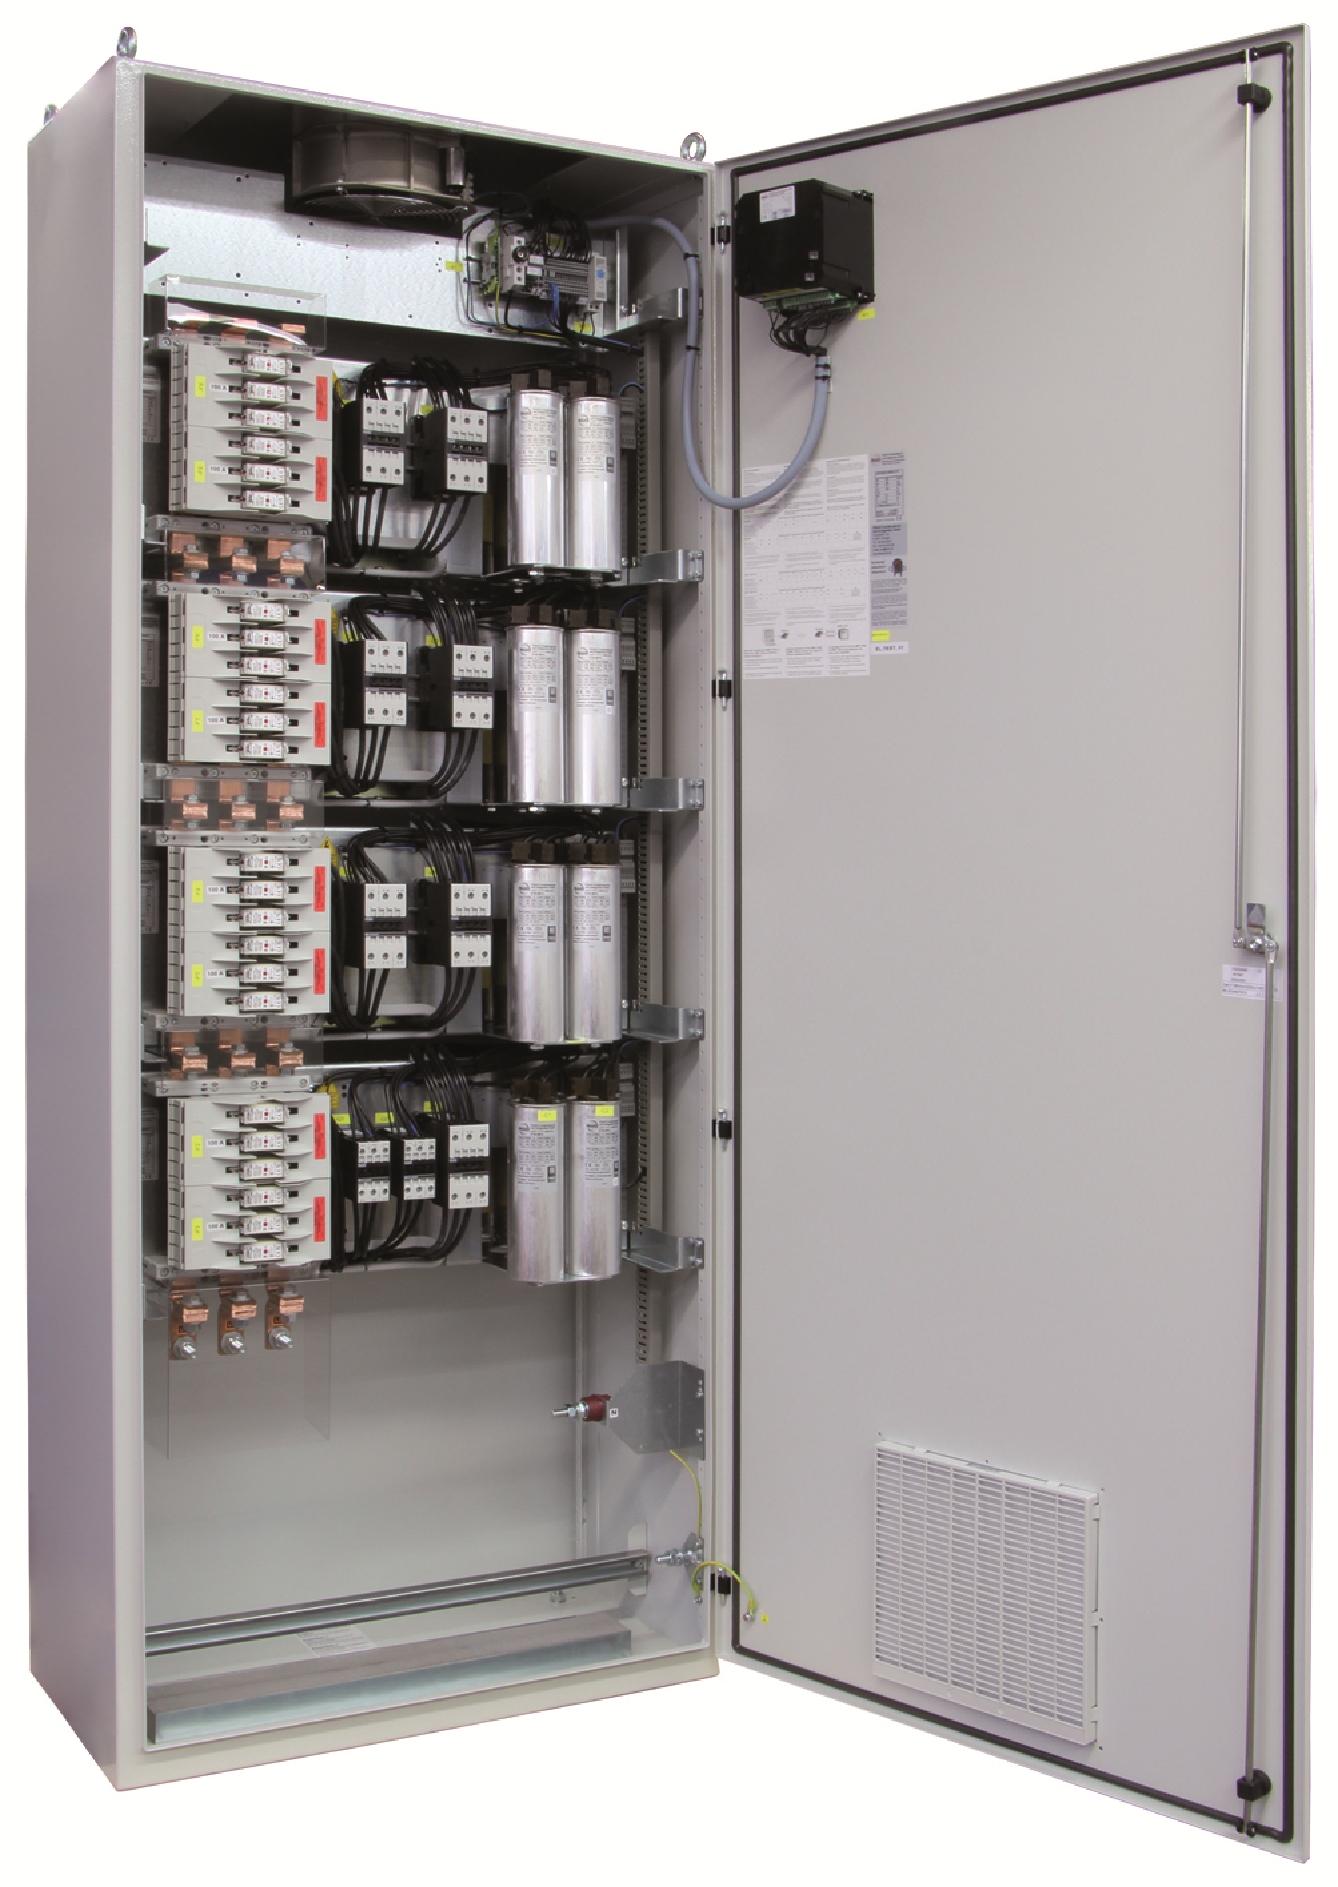 1 Stk Kompensation LSFC 14% 150/12,5kvar 800x2110x500mm FR3422633-